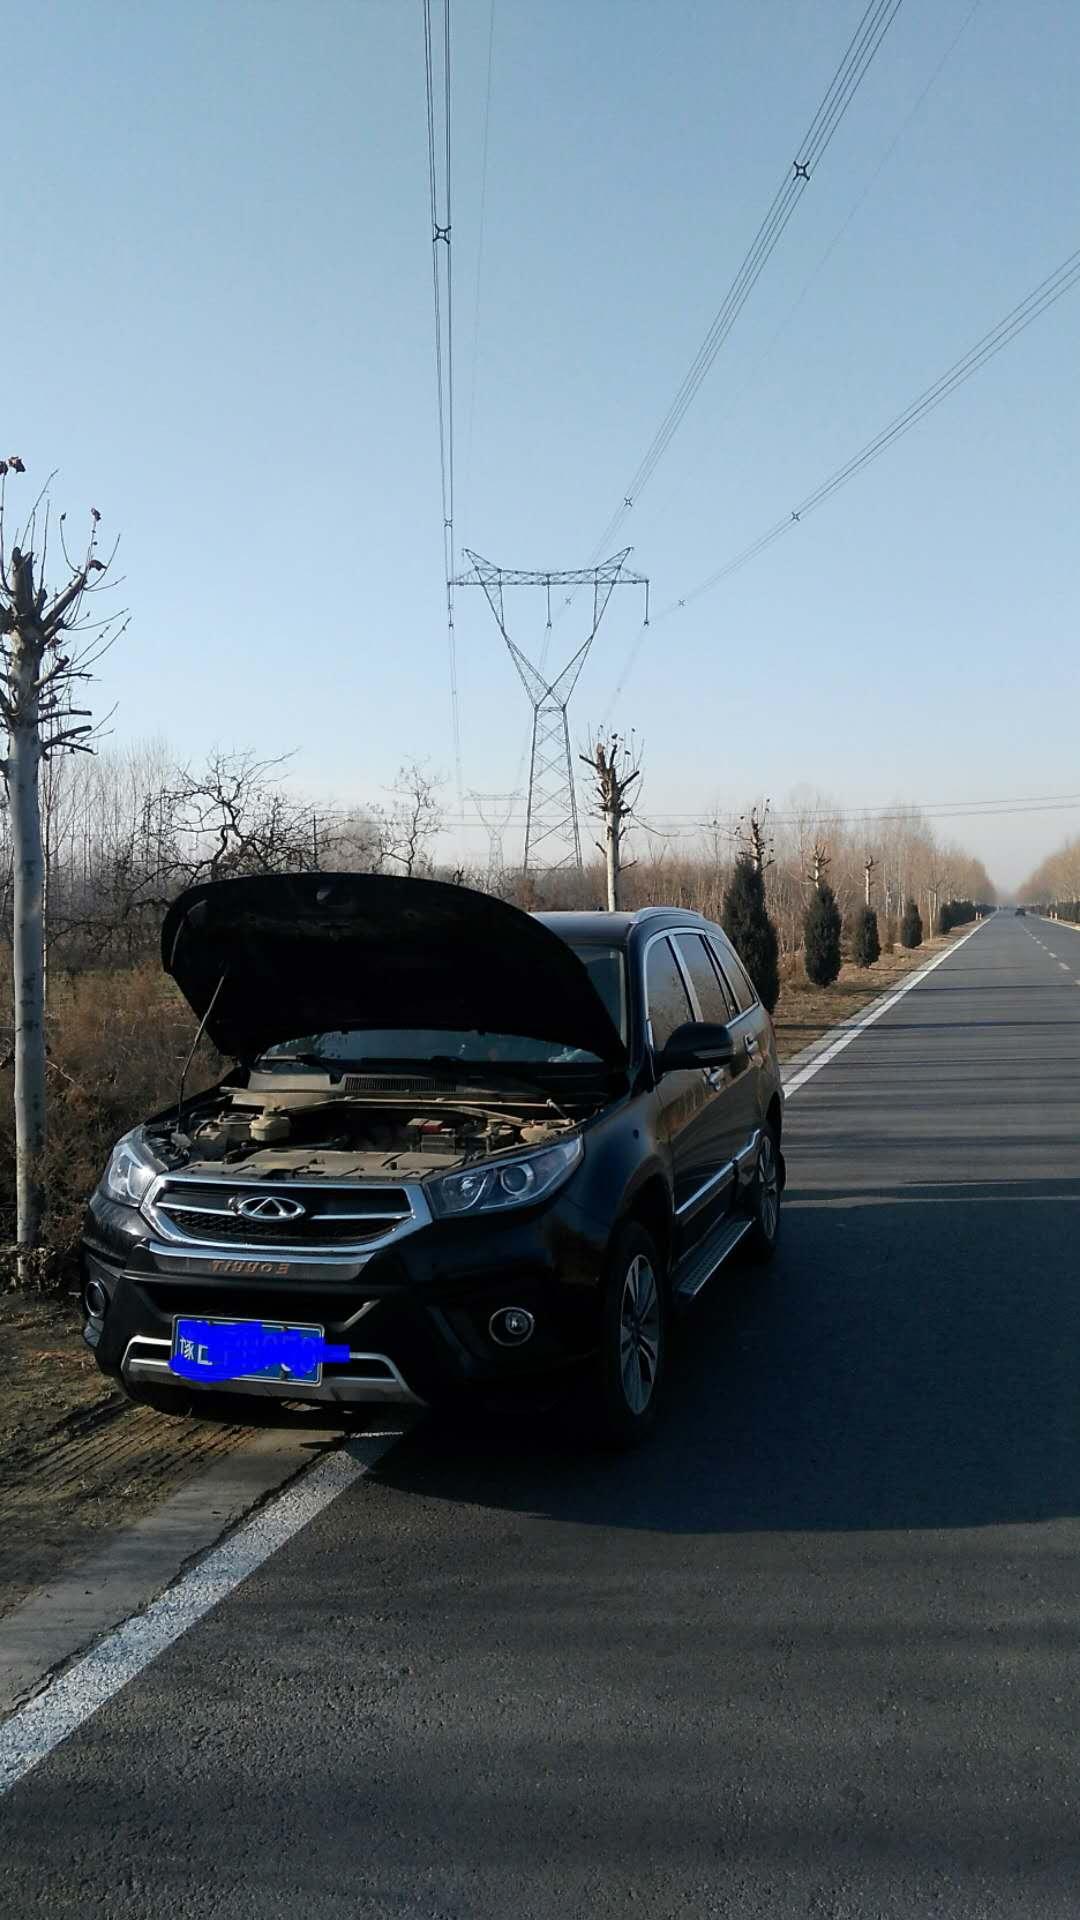 奇瑞汽车-瑞虎3 因燃油泵无故损坏,26000公里把我撂在路上